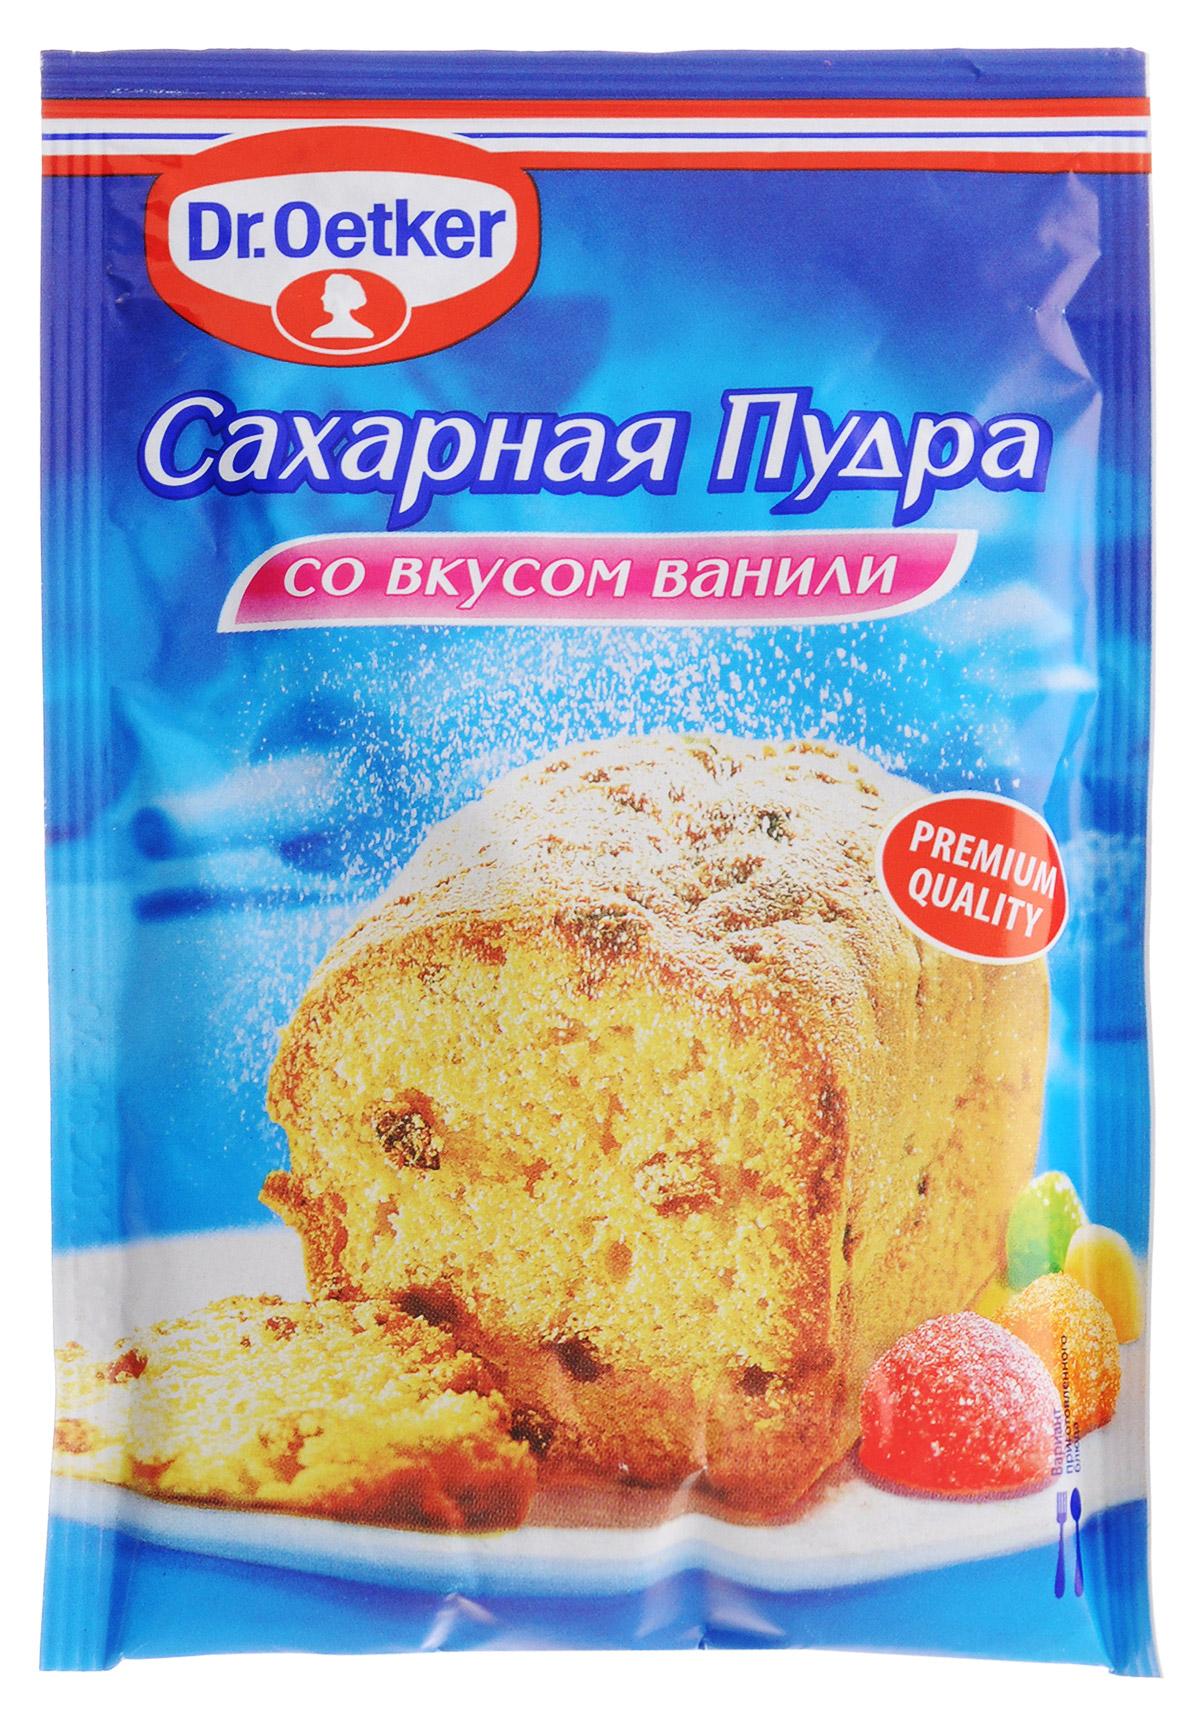 Сахарная пудра со вкусом ванили от Dr.Oetker отлично подойдет для приготовления выпечки и сахарной глазури, а также для декорирования десертов.